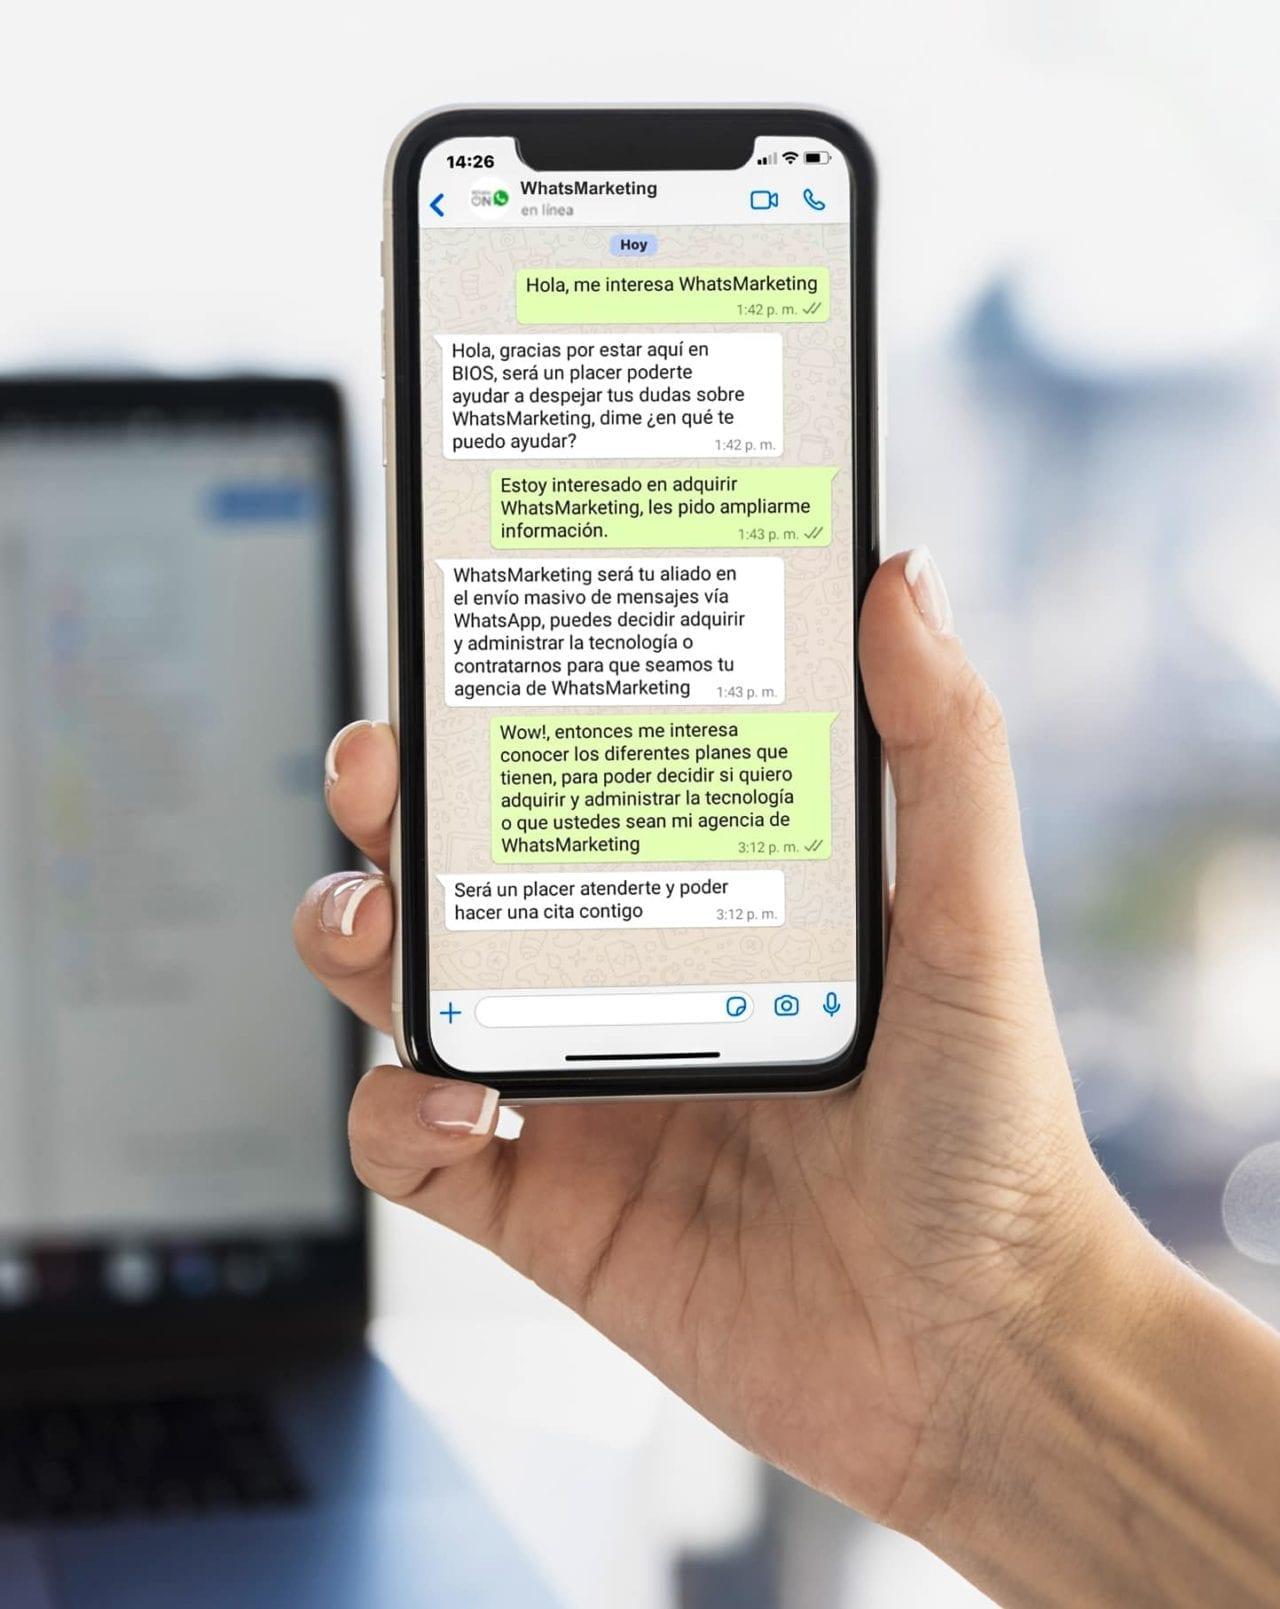 WhatsMarketing Smartphone